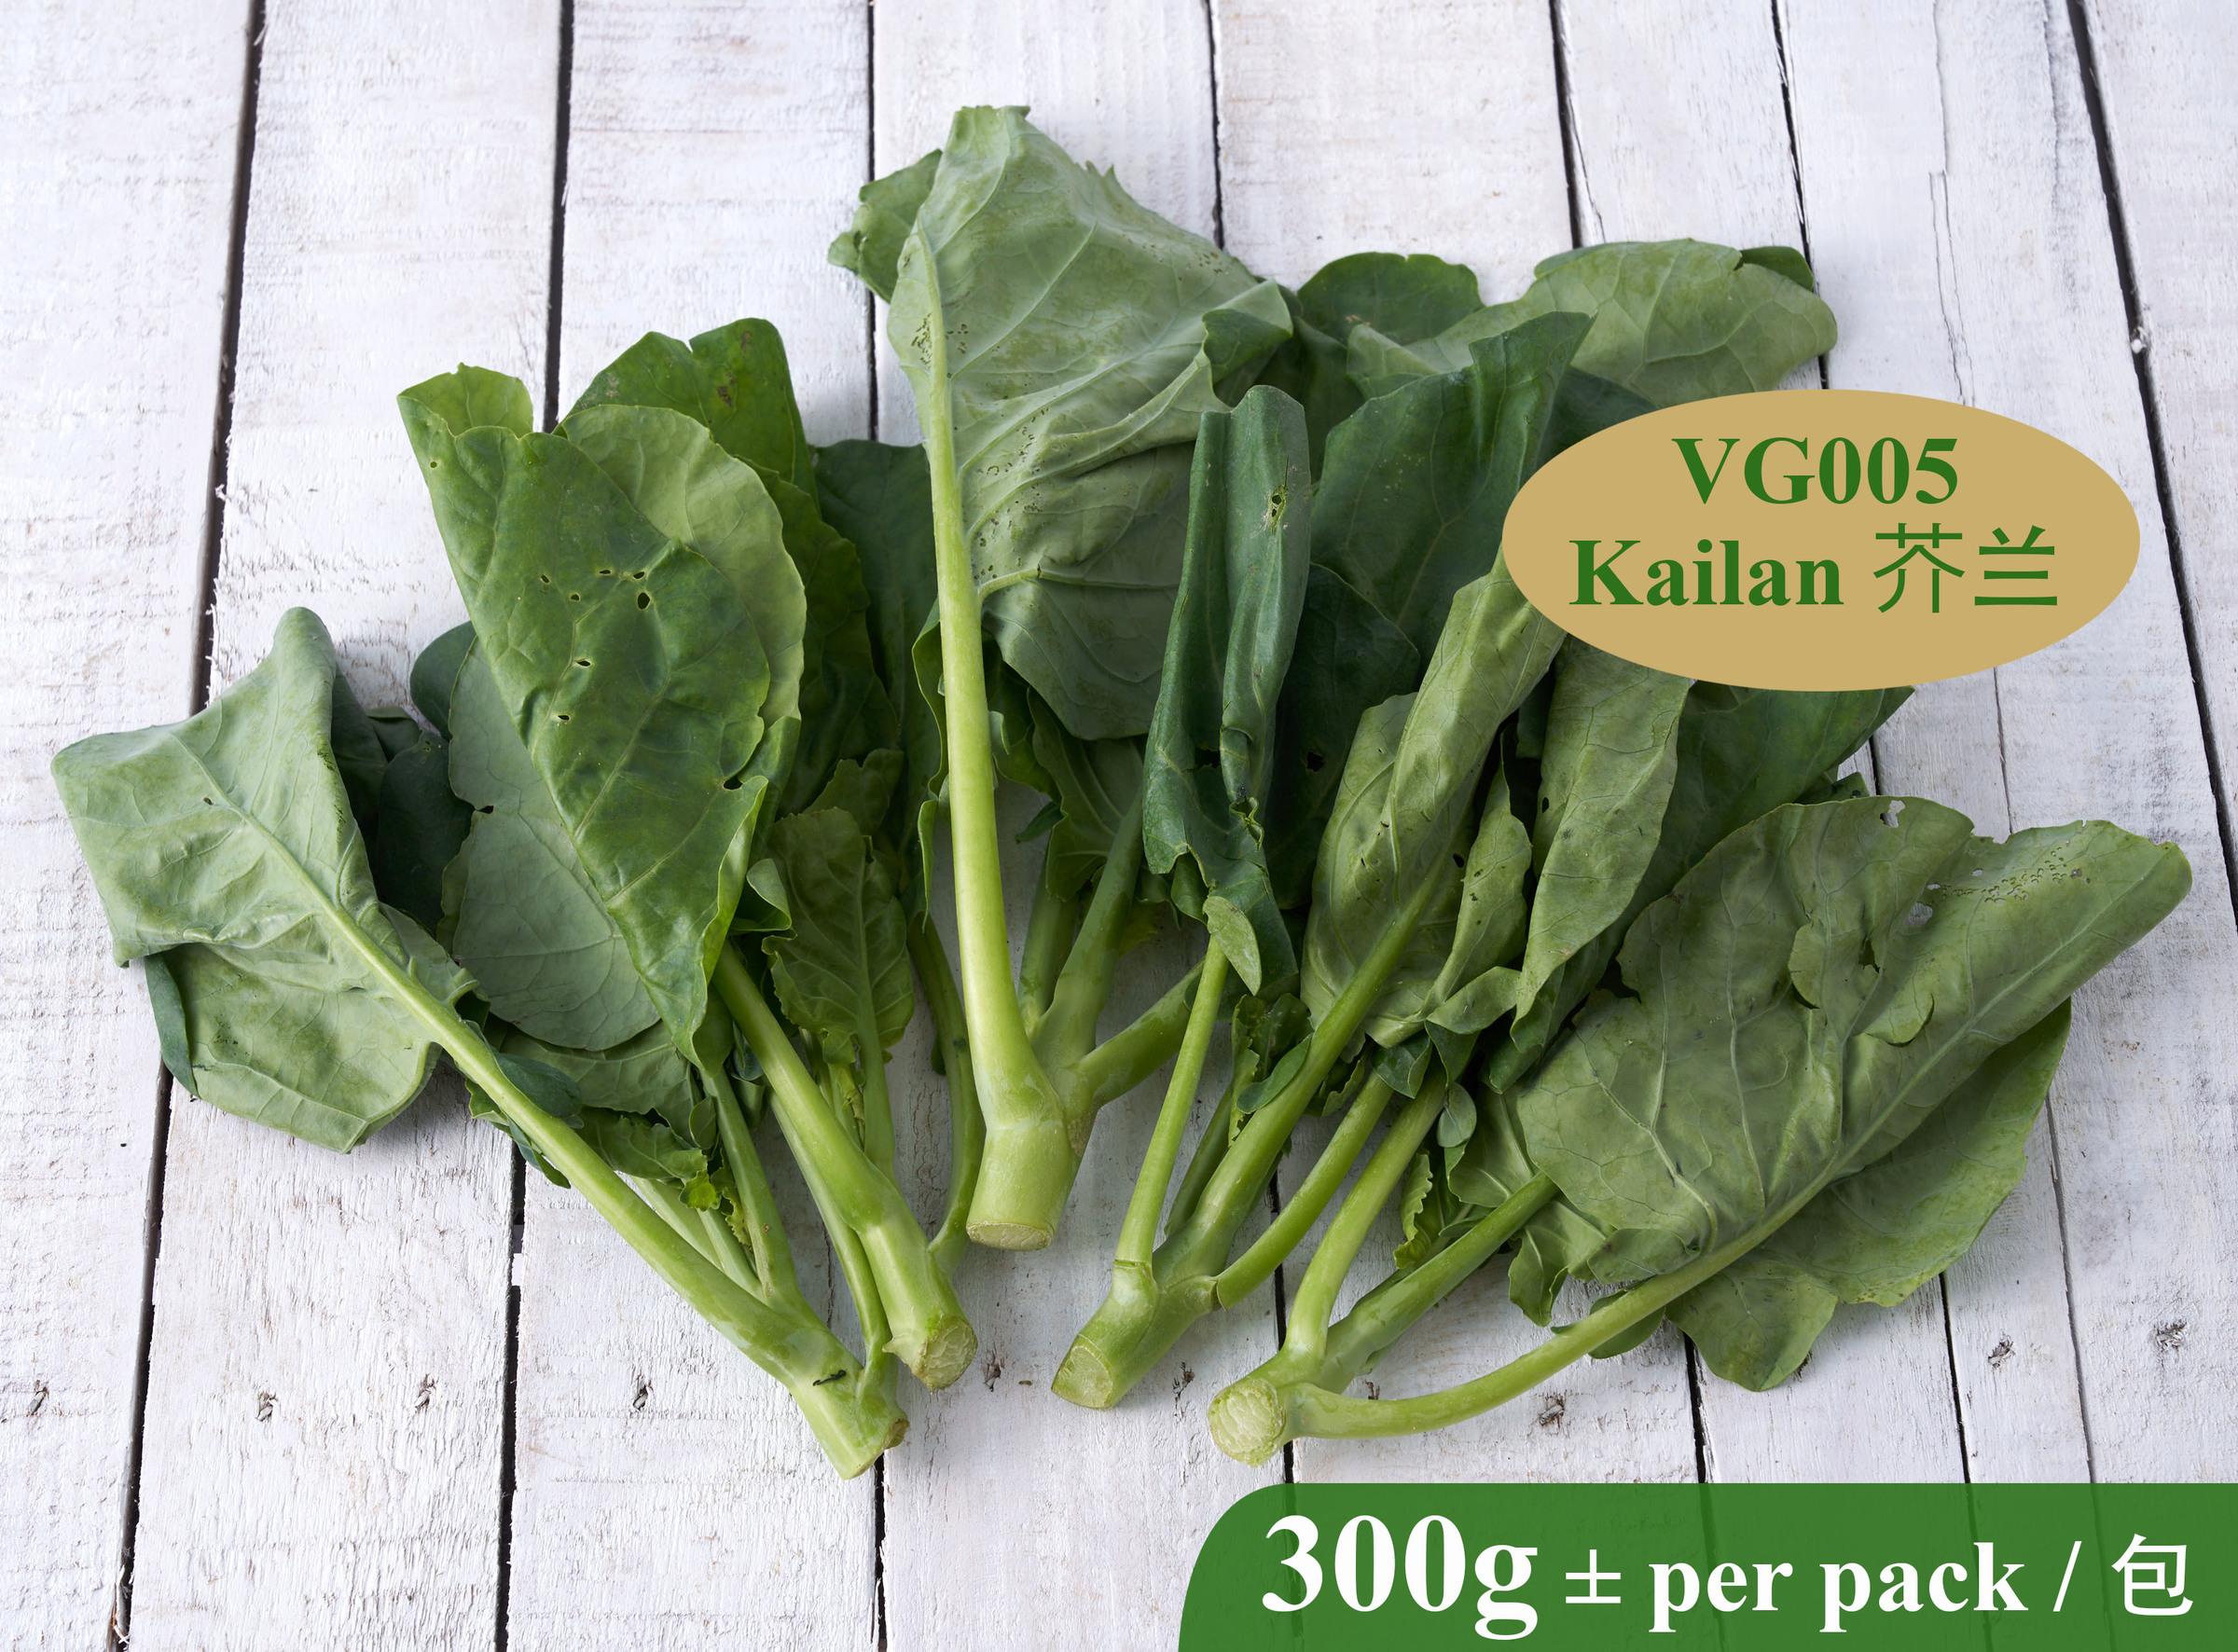 VG005 Kailan-RM5.50 per 300g+.jpg